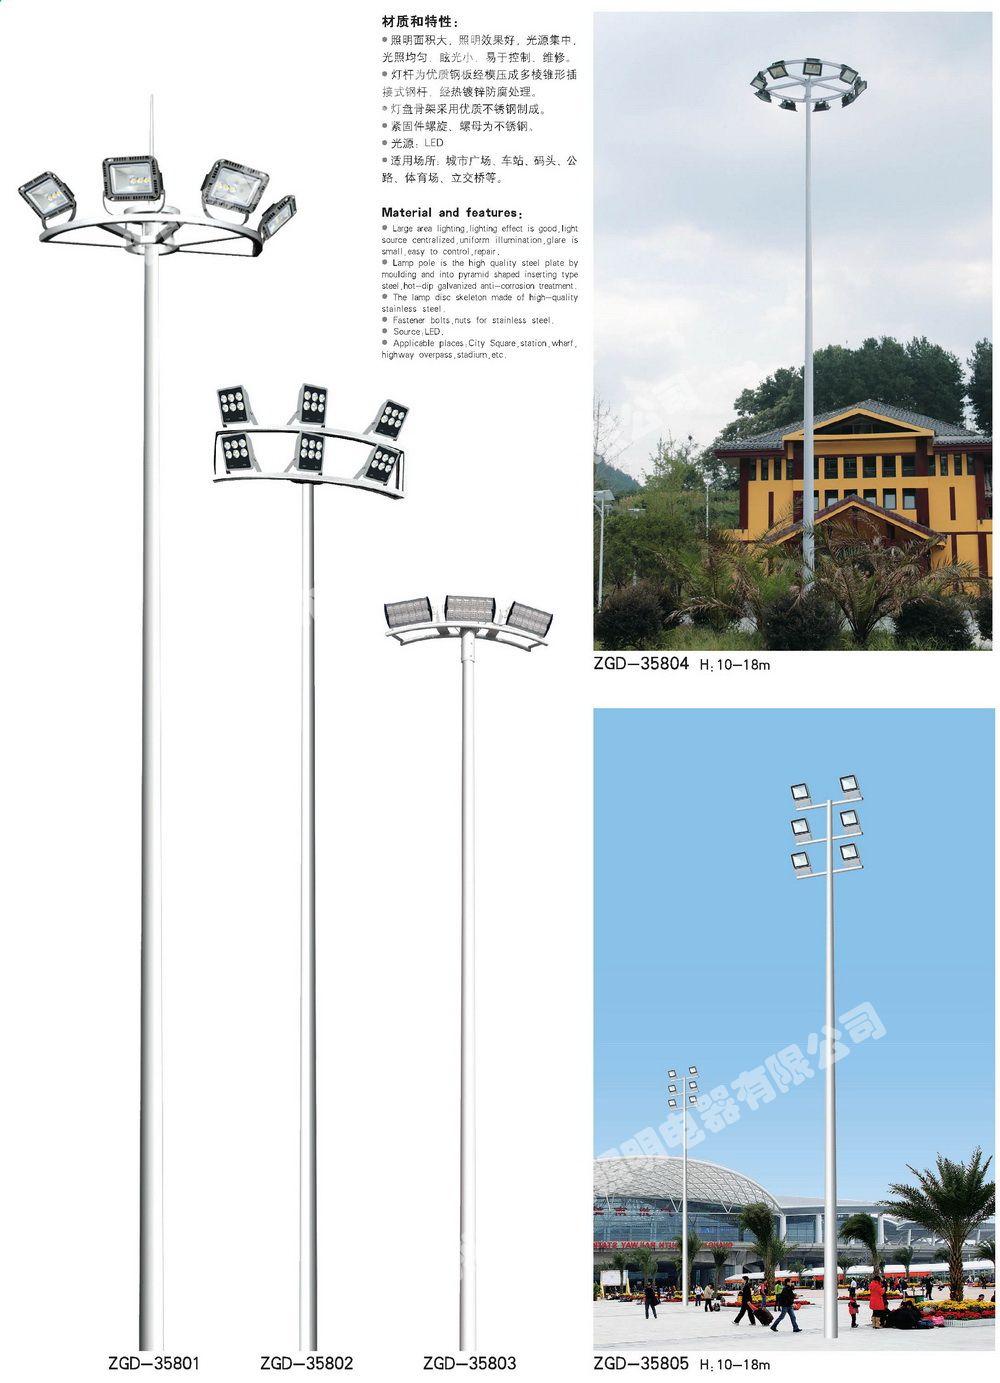 k8凱發真人版照明的小編整理出來關於路燈的分類知識